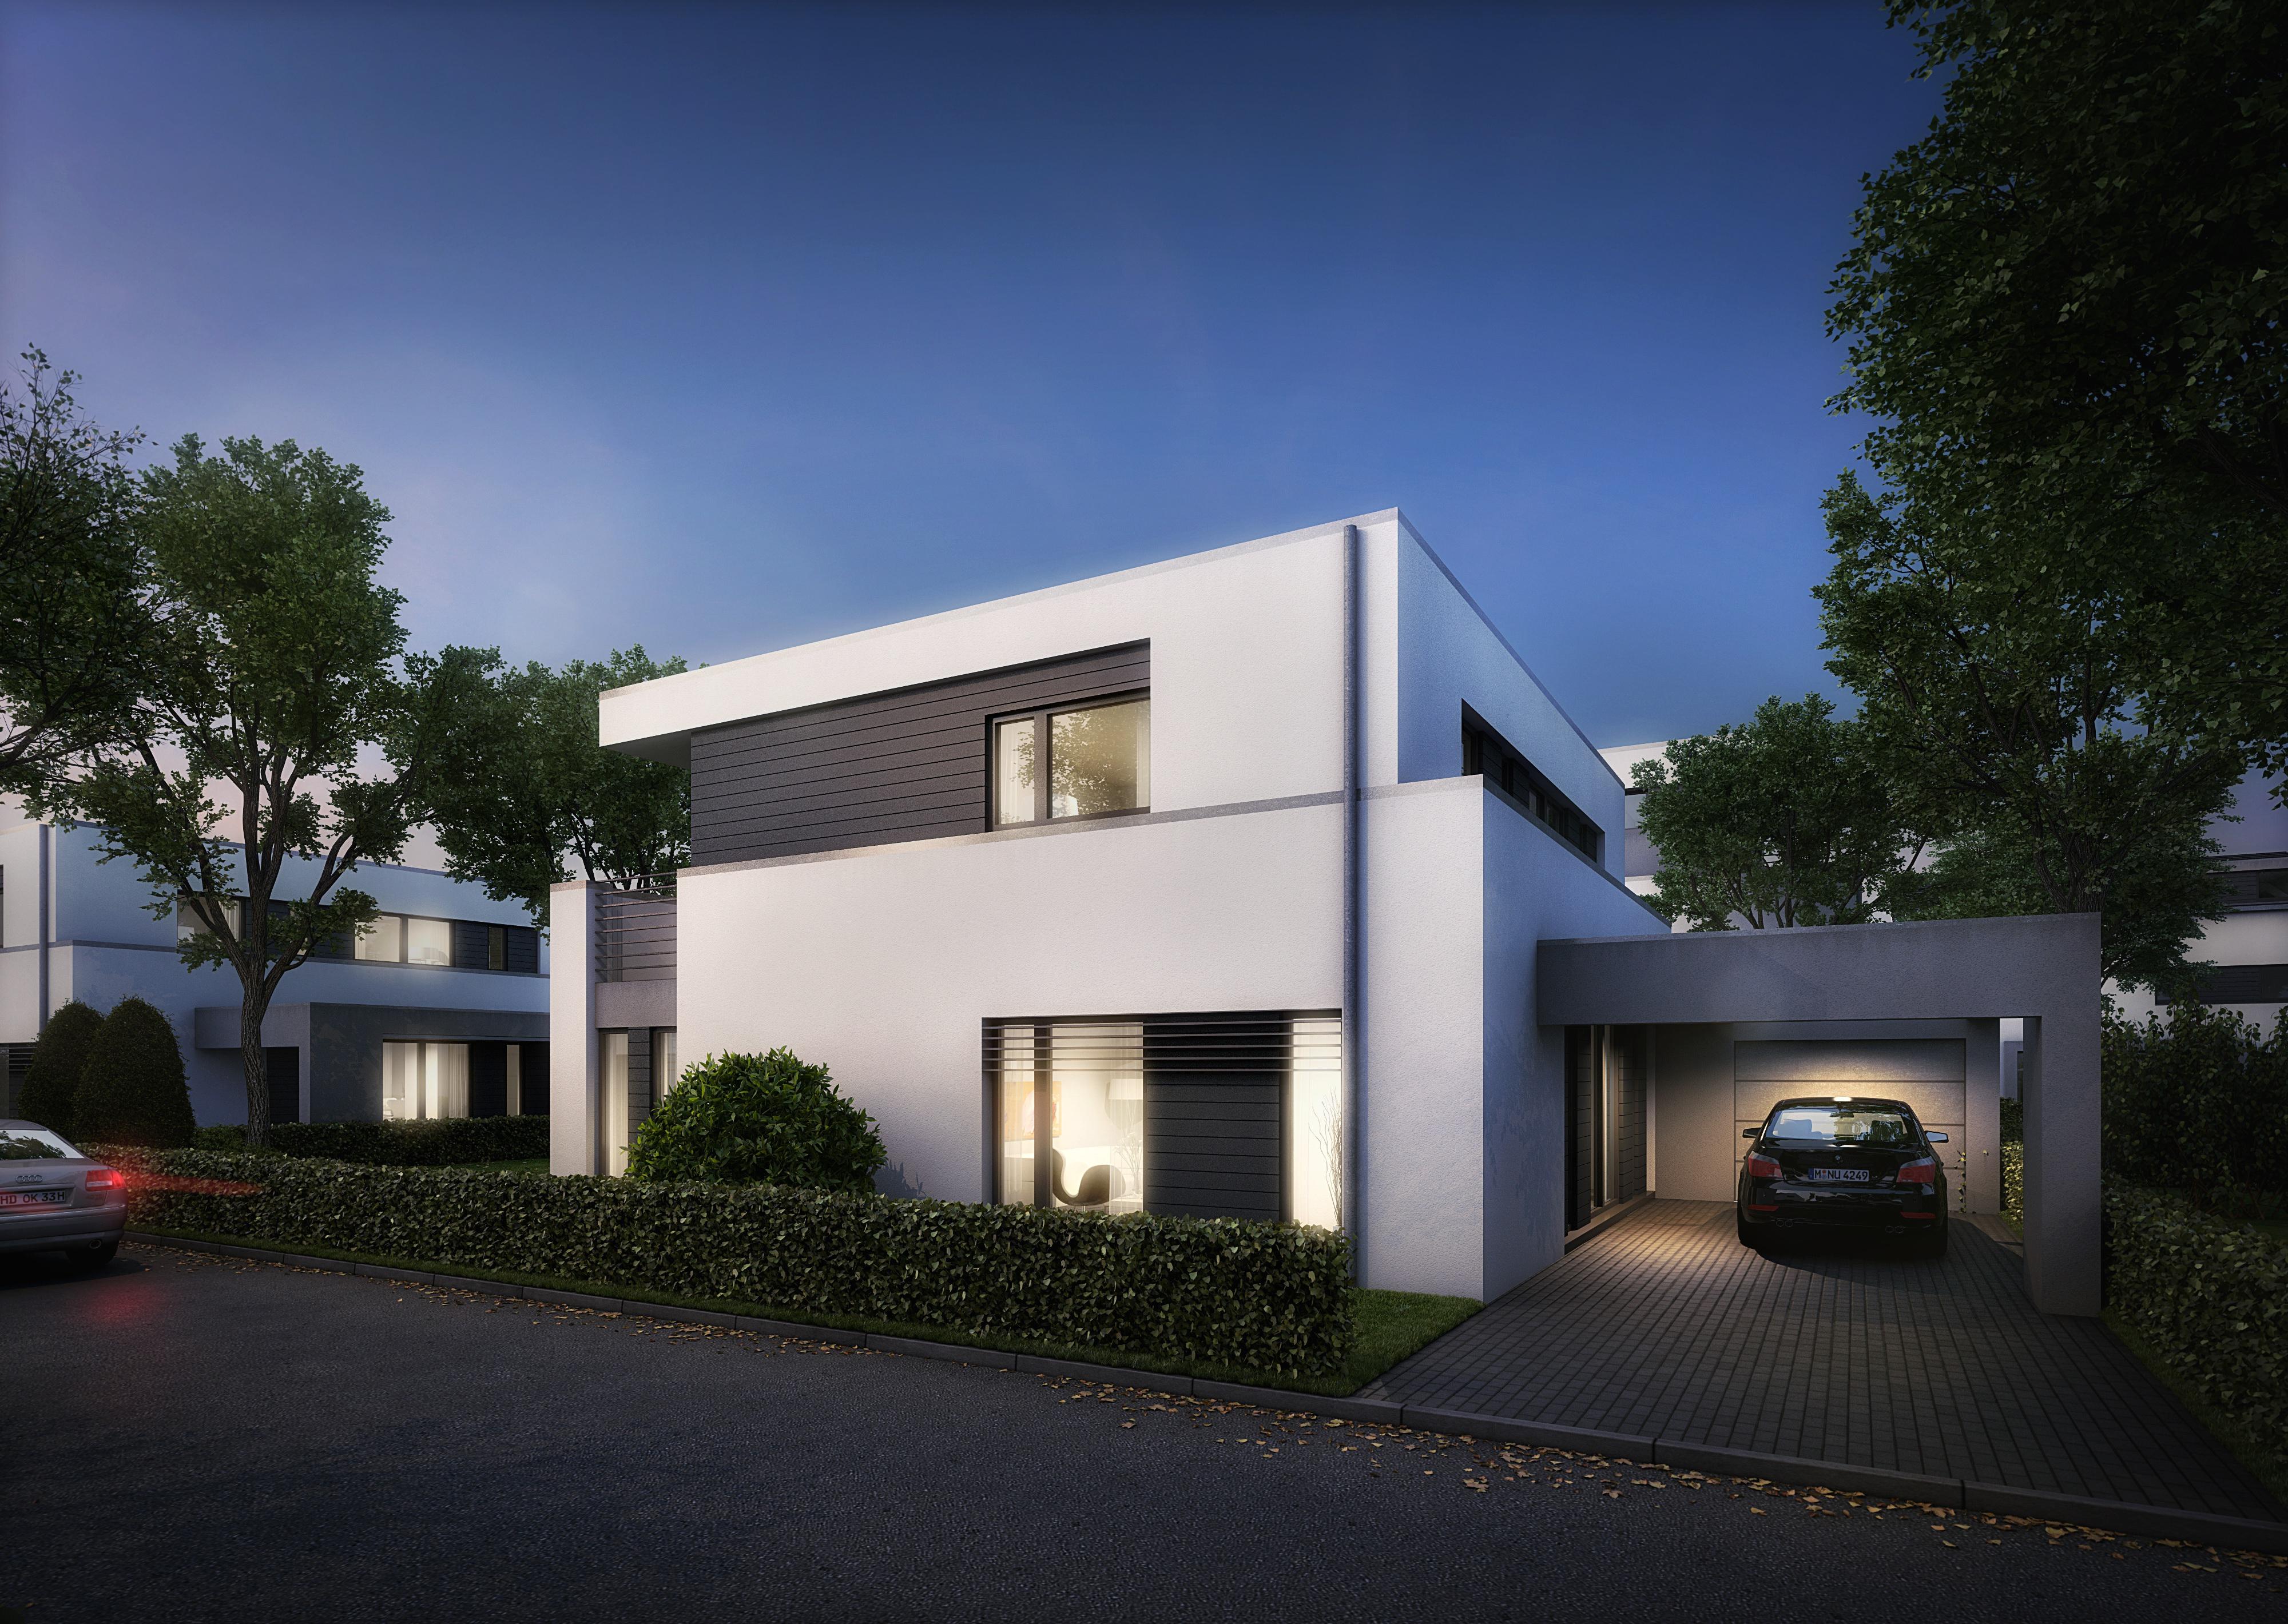 sulzbach haus kaufen freistehend doppelhaus reihenhaus. Black Bedroom Furniture Sets. Home Design Ideas